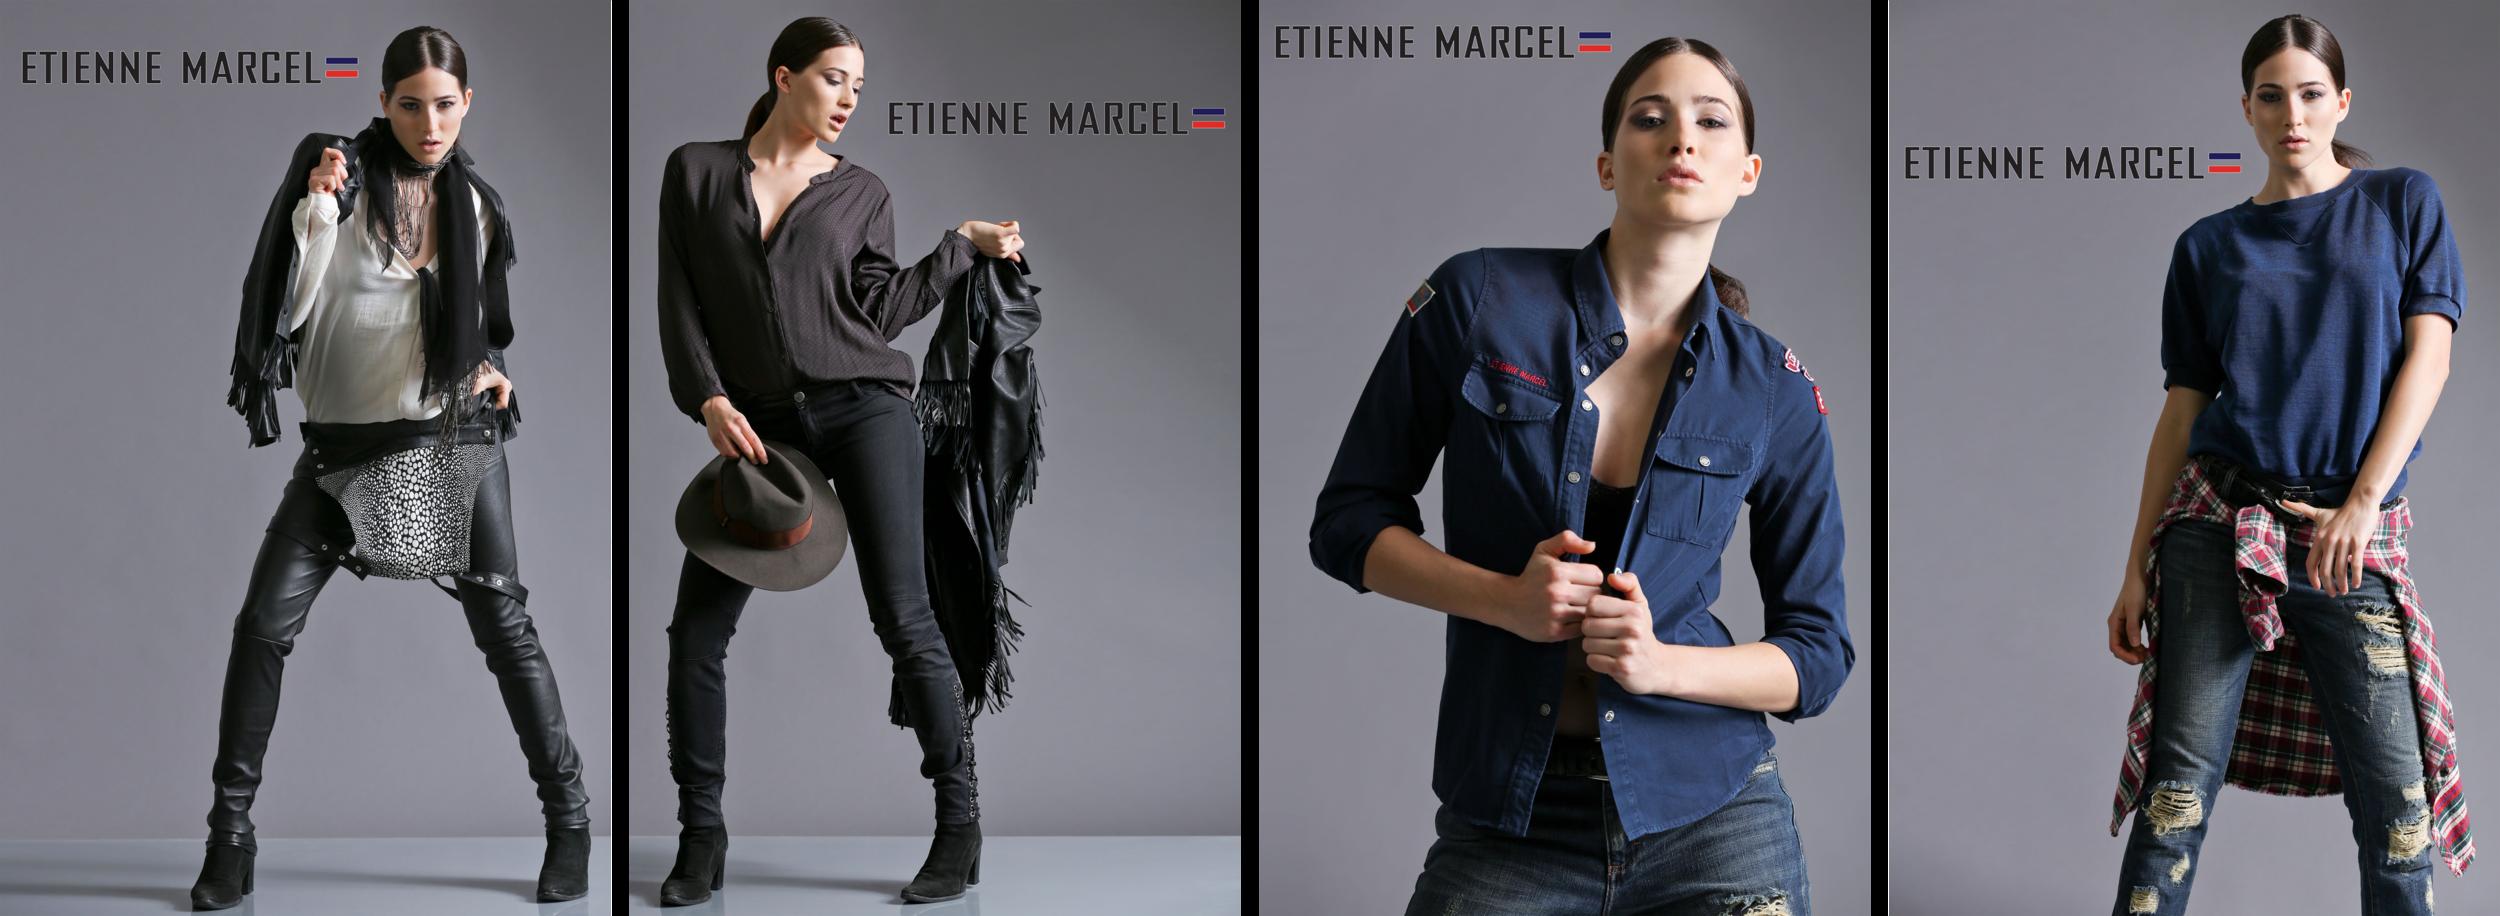 HLS Media Graphic Design Etienne Marcel